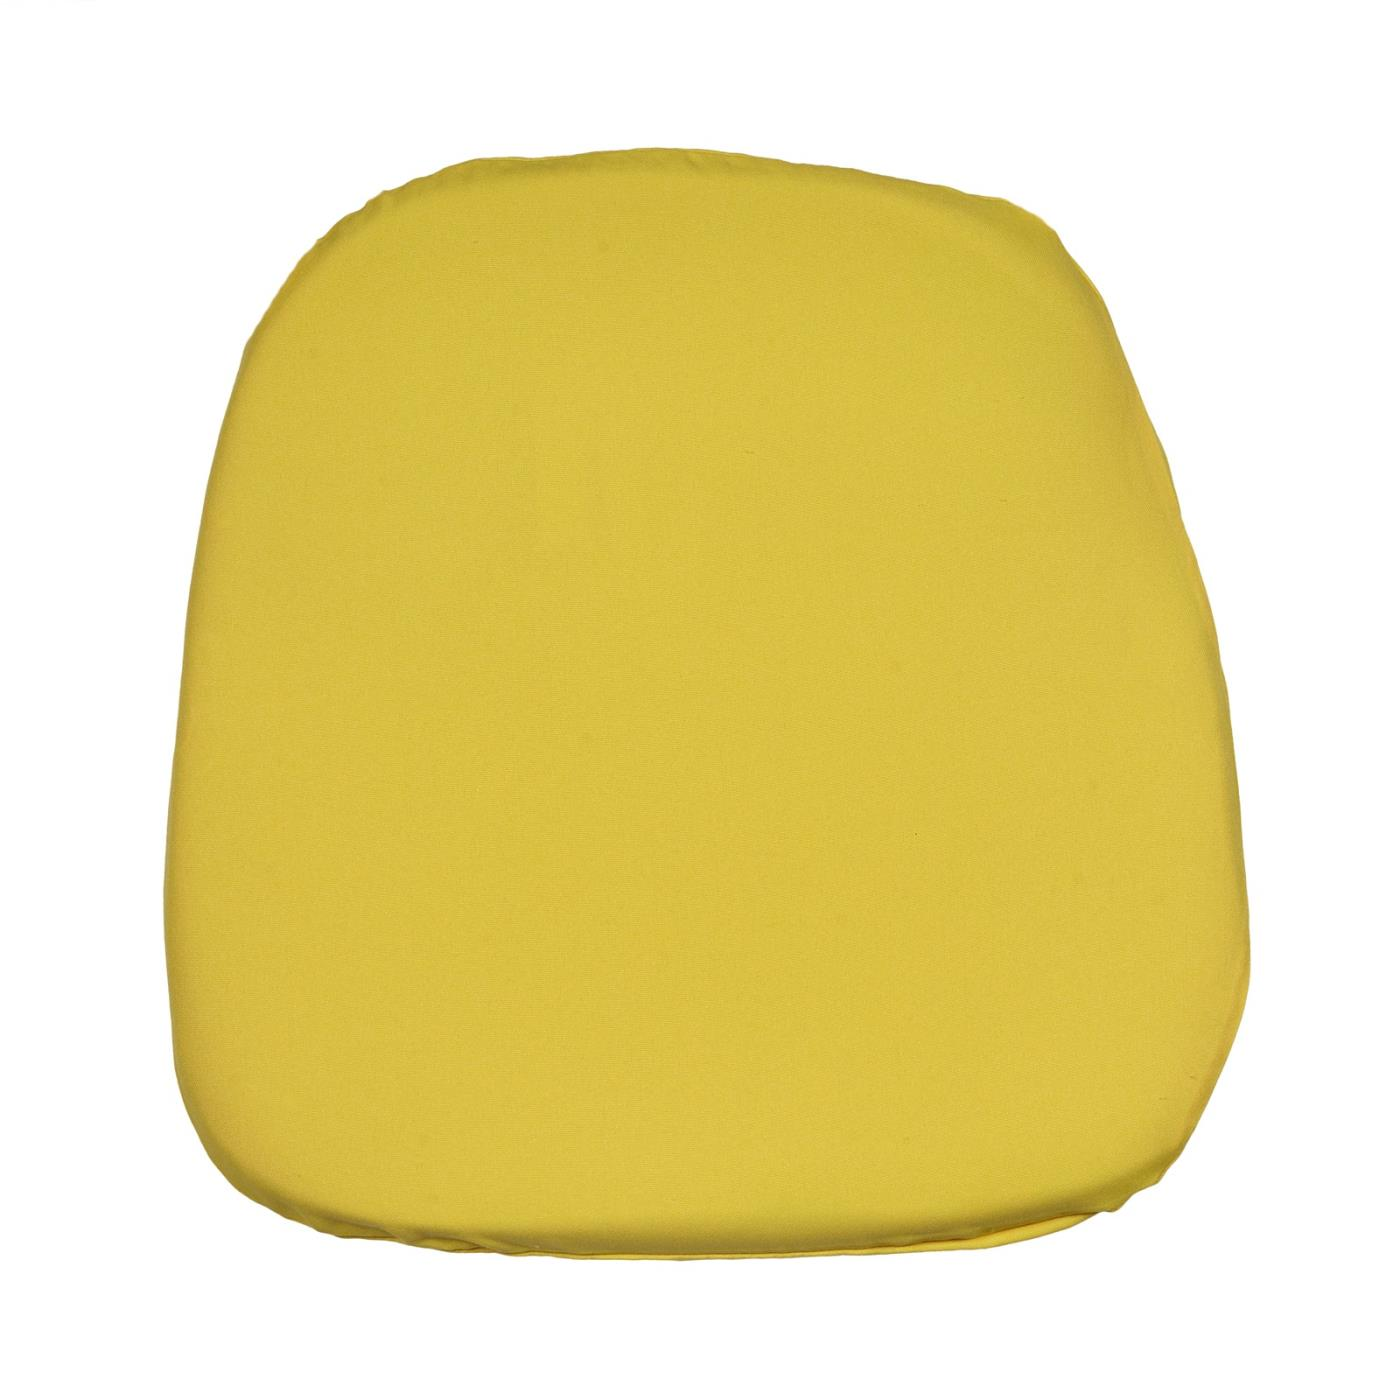 Poly Seat Cushion - Lemon